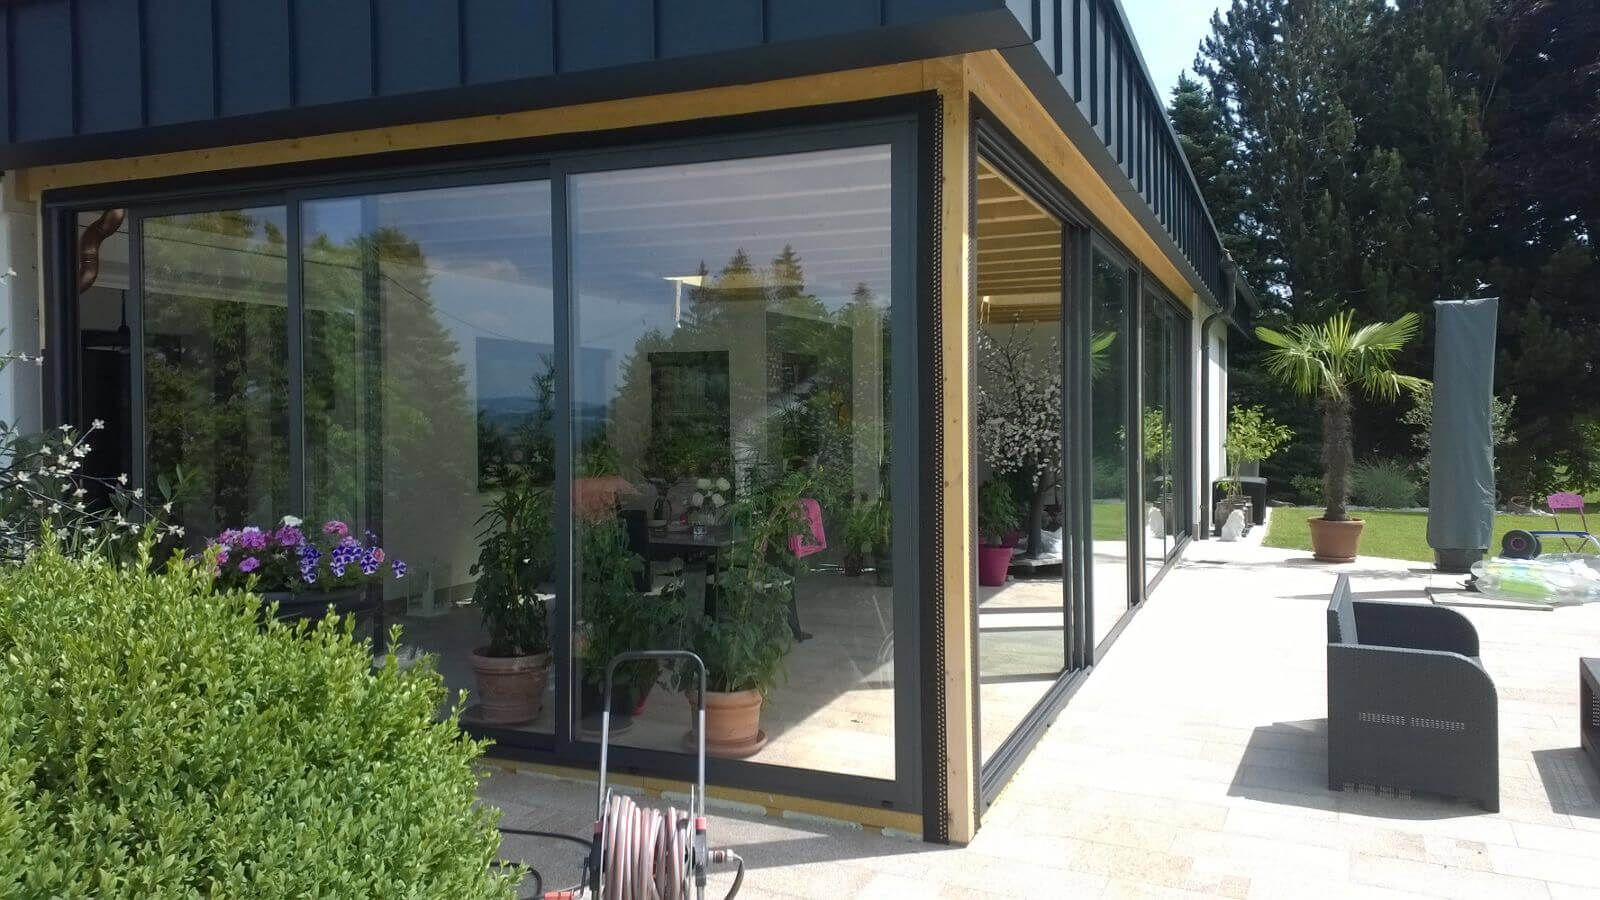 Schiebeelemente Fur Terrassenverbau In Holzkonstruktion Montiert